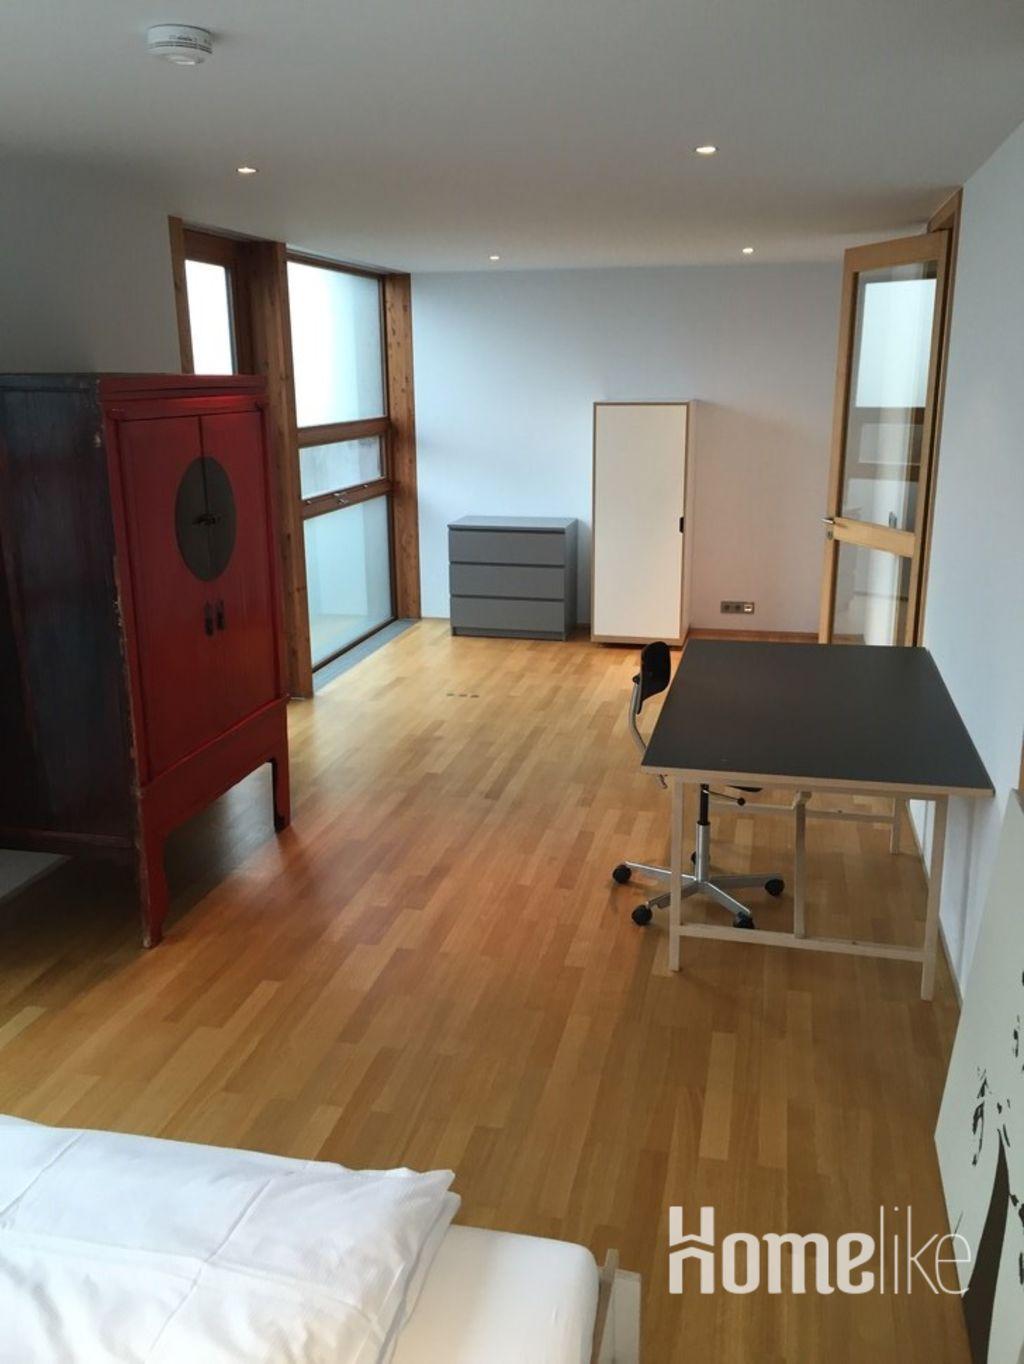 image 4 furnished 3 bedroom Apartment for rent in Esslingen, Baden-Wurttemberg